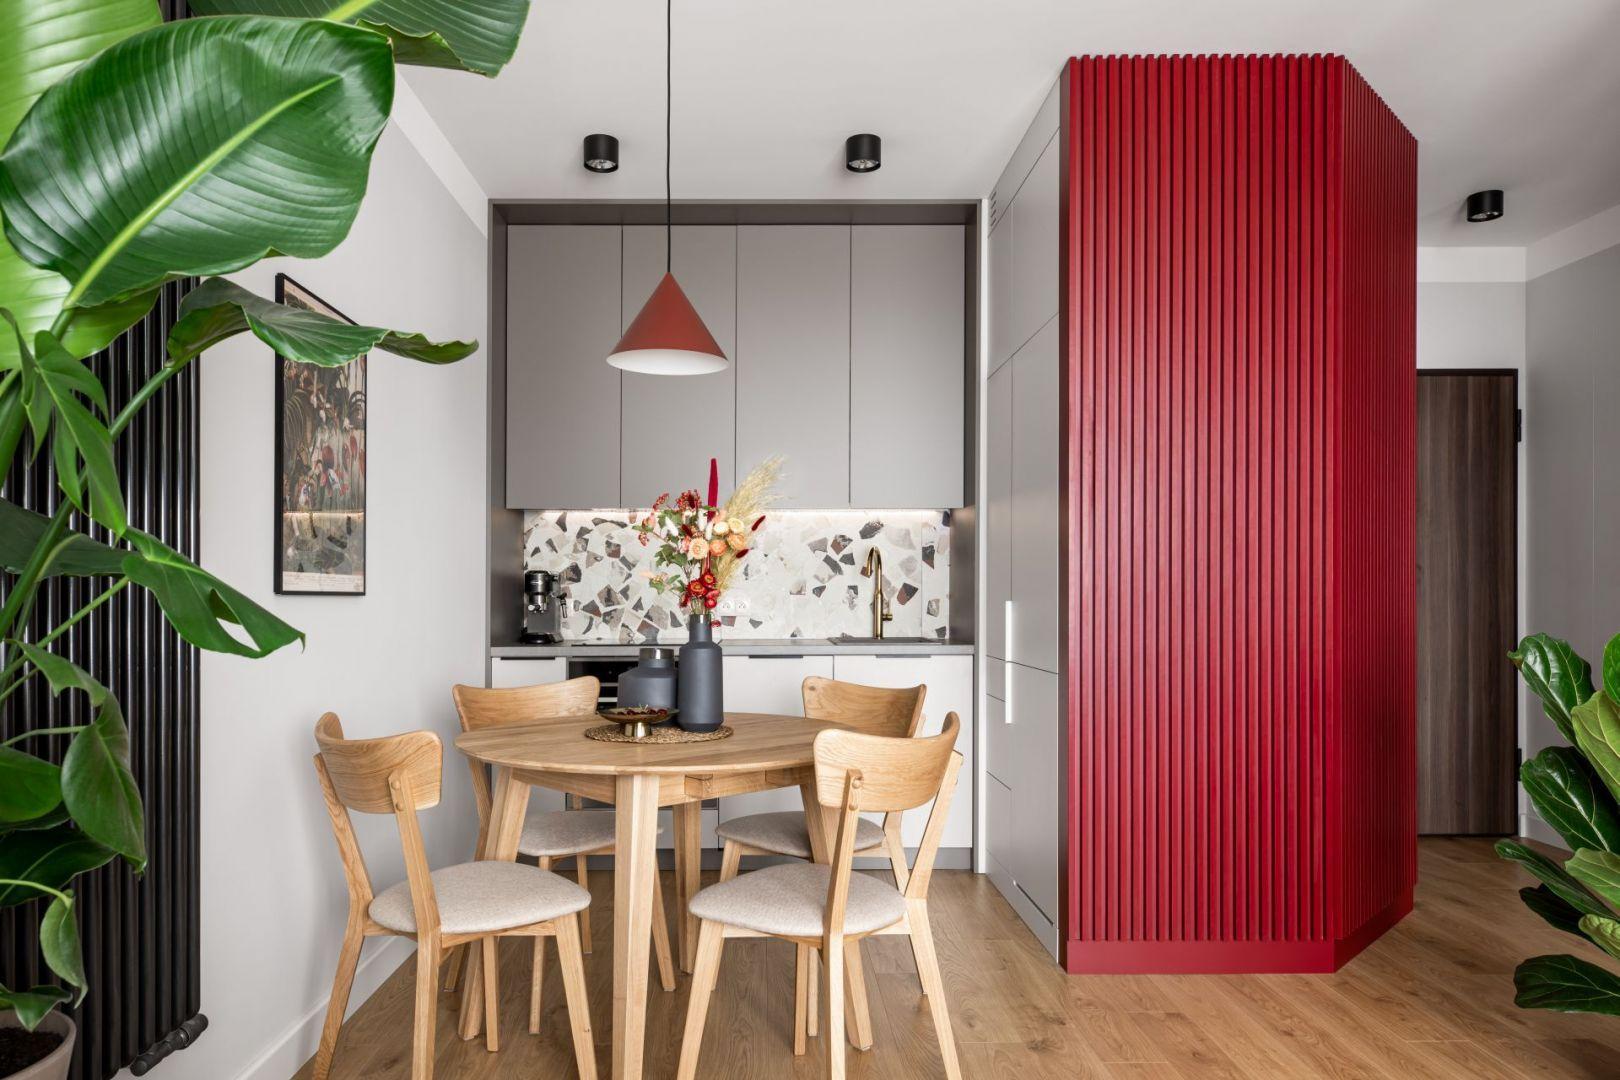 Kolor w kuchni. Elementy w czerwonym kolorze ożywiają niedużą kuchnię połączoną z jadalnią. Projekt: Maria Nielubszyc, pracownia PURA design. Fot. Jakub Nanowski